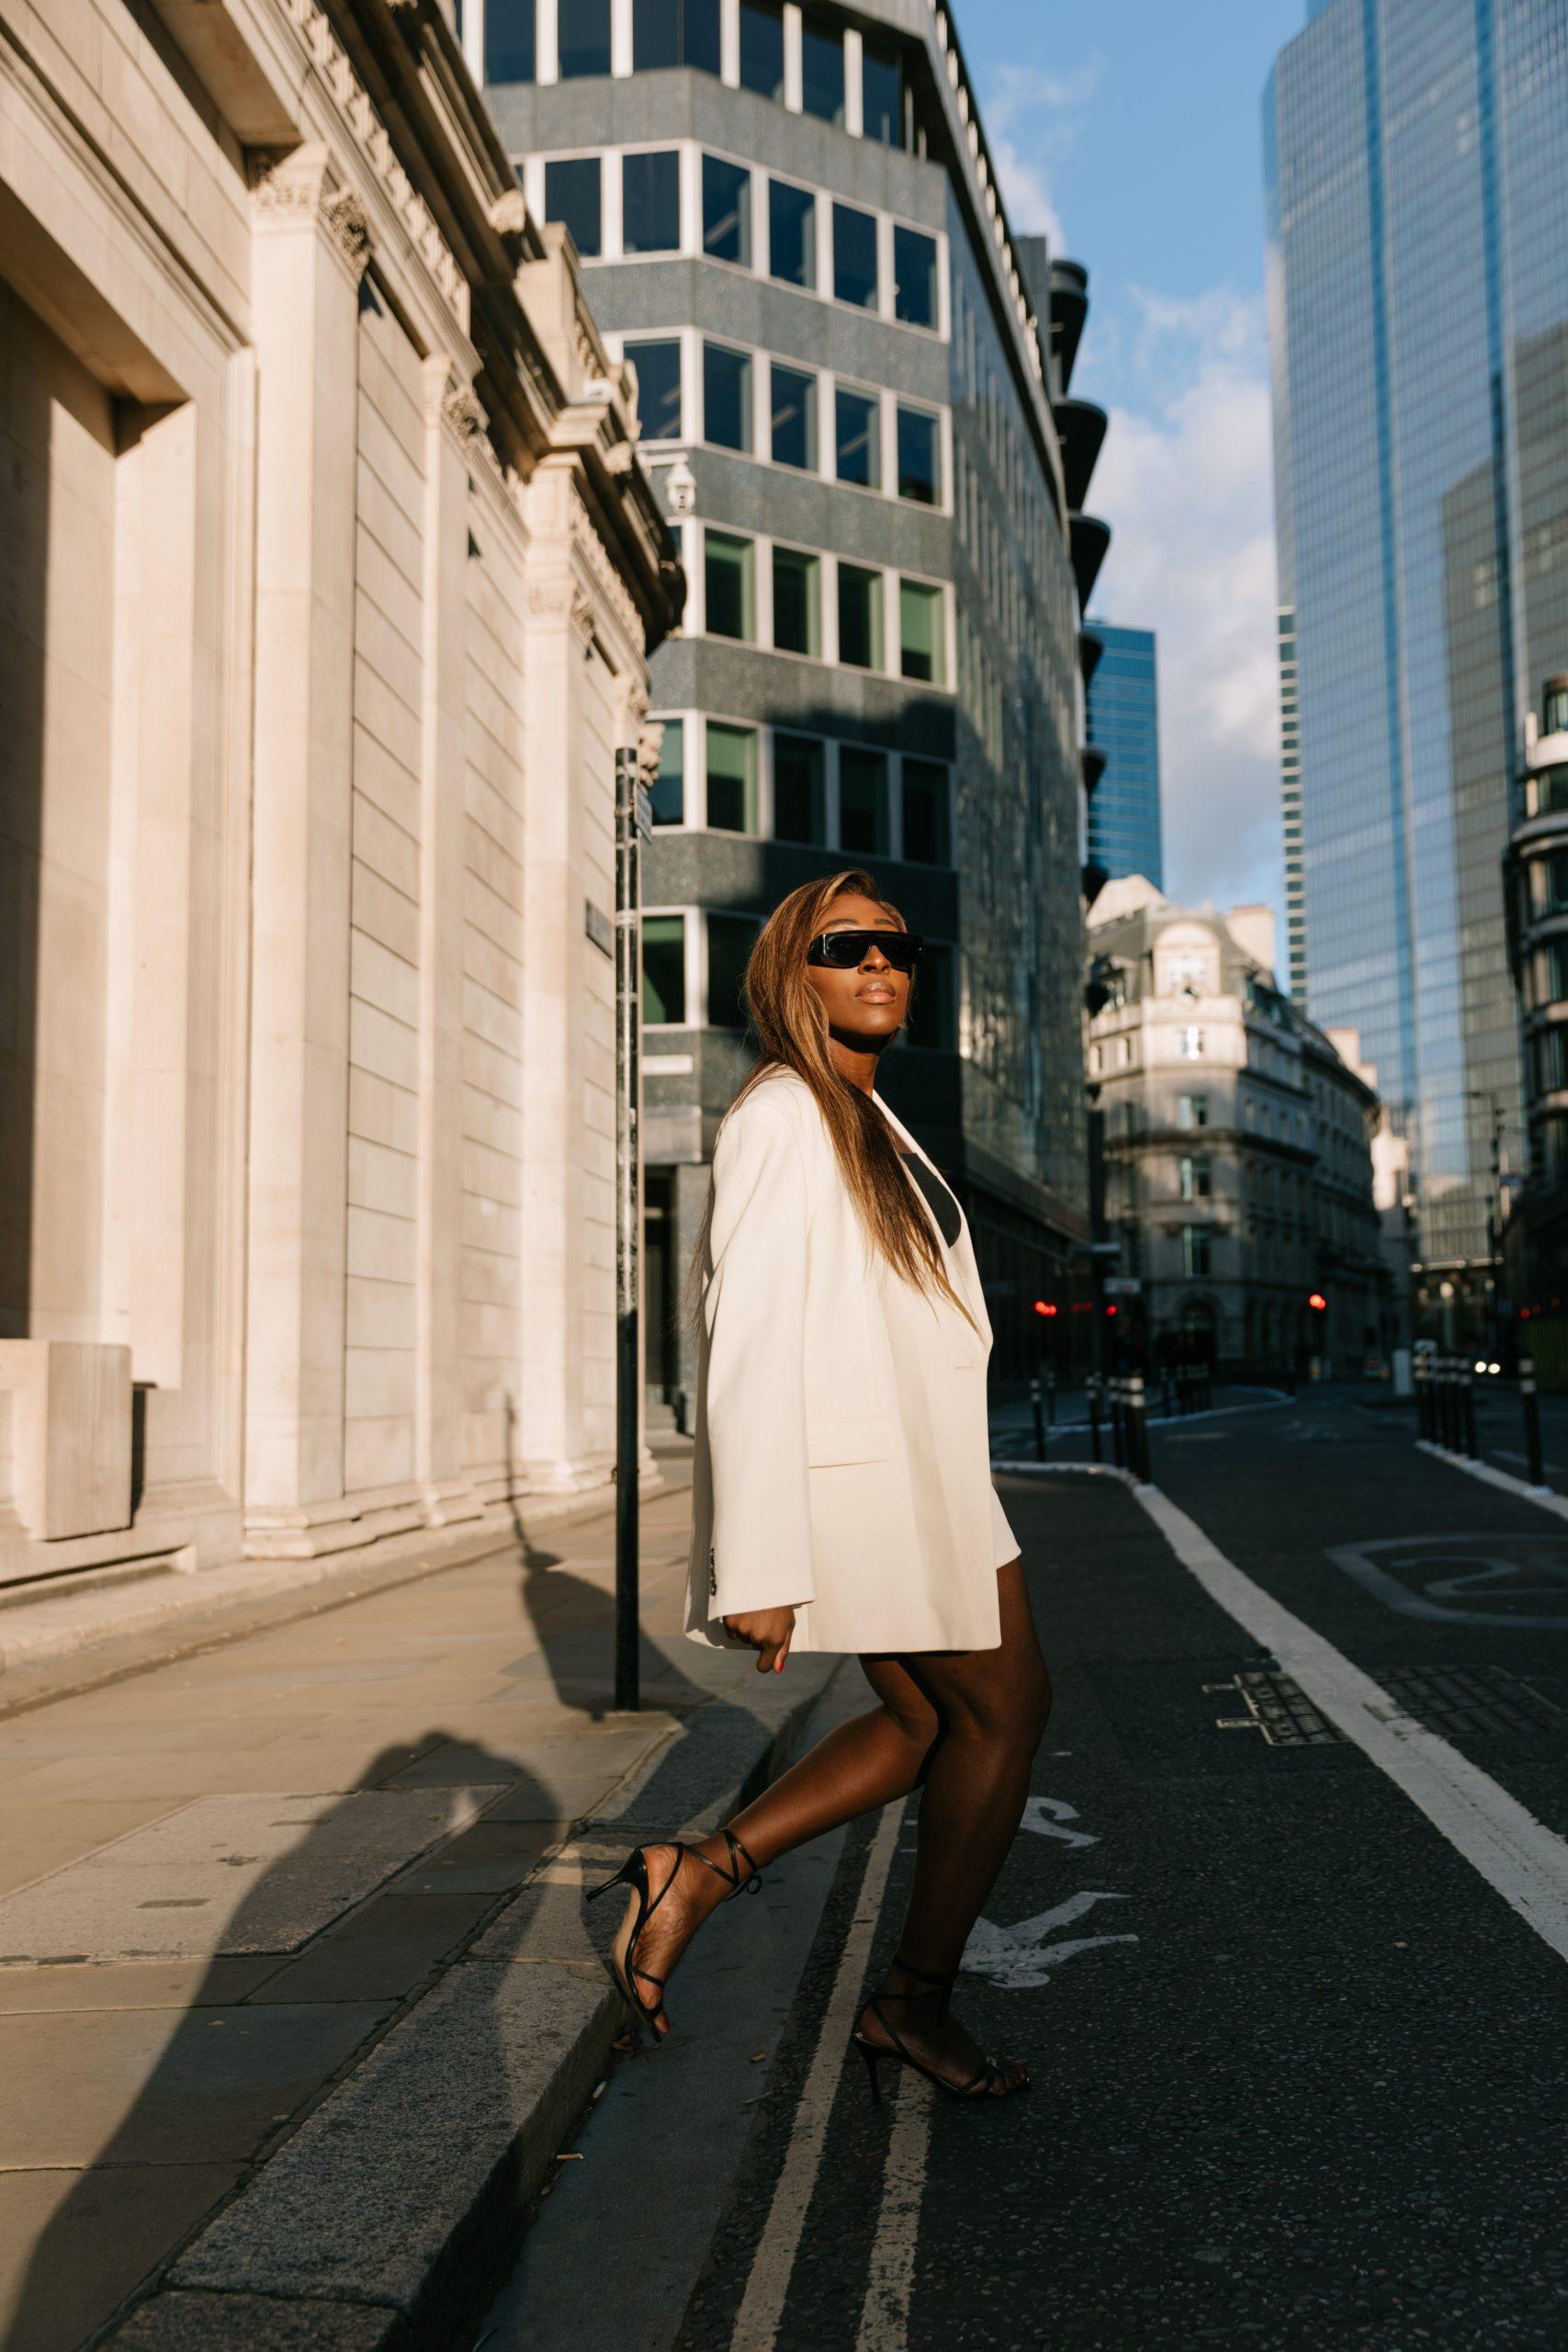 Oversized Blazers & Autumn Mini Skirts - Zara ecru blazer and mini skirt - Bottega Veneta Sunglasses - Tasha Antwi